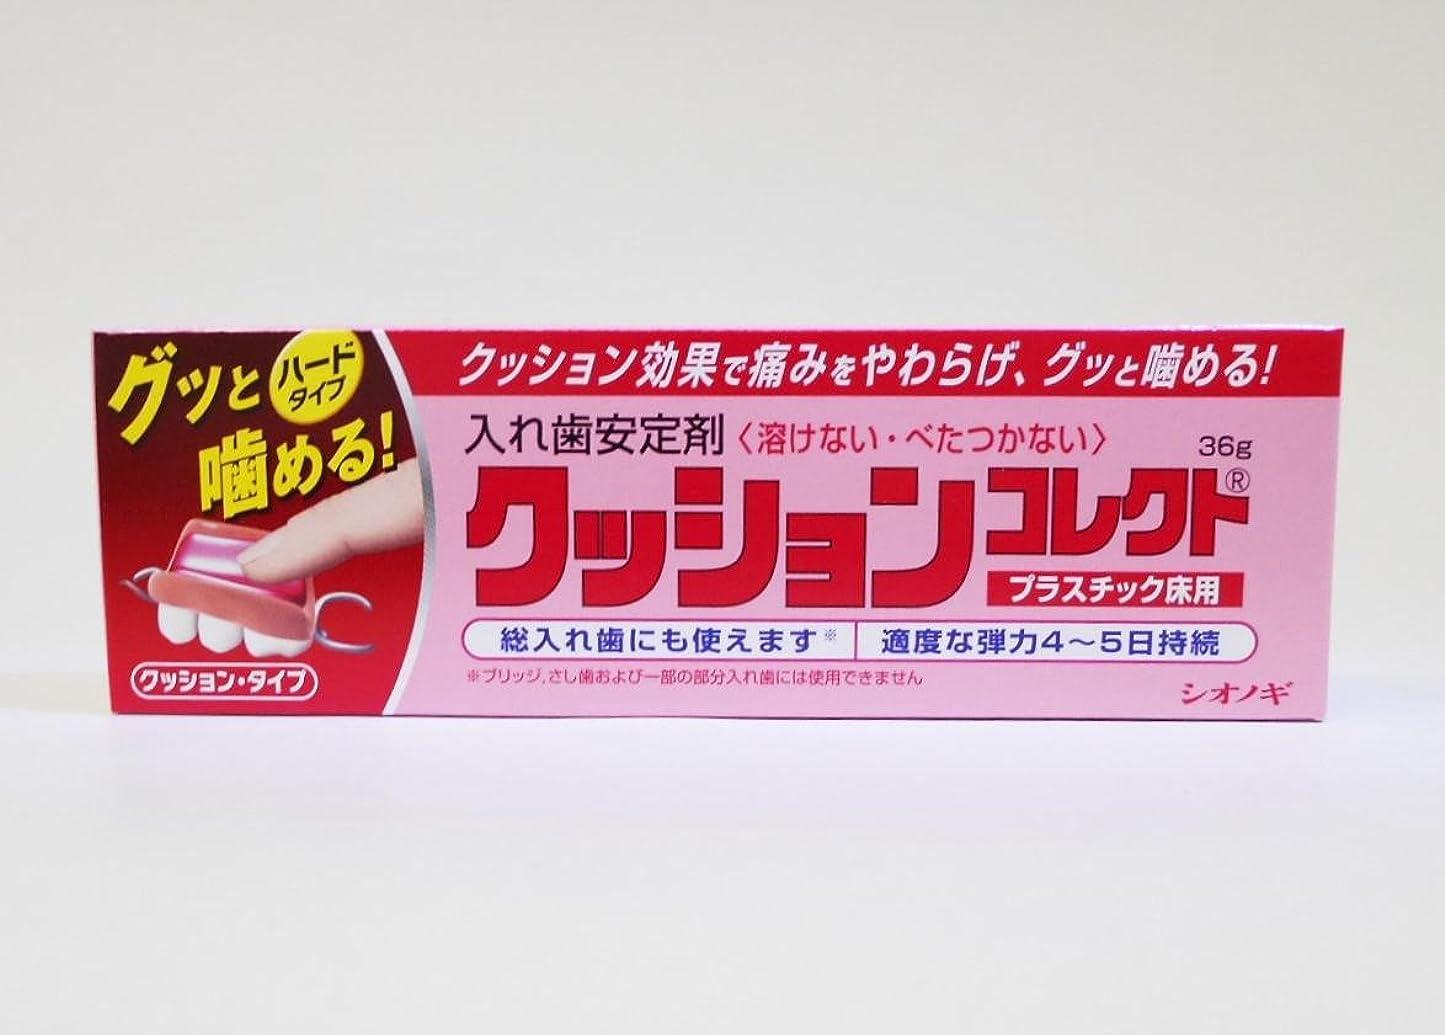 チョコレート広げる本気【3個】クッションコレクト 36gx3個 (4987087026542)